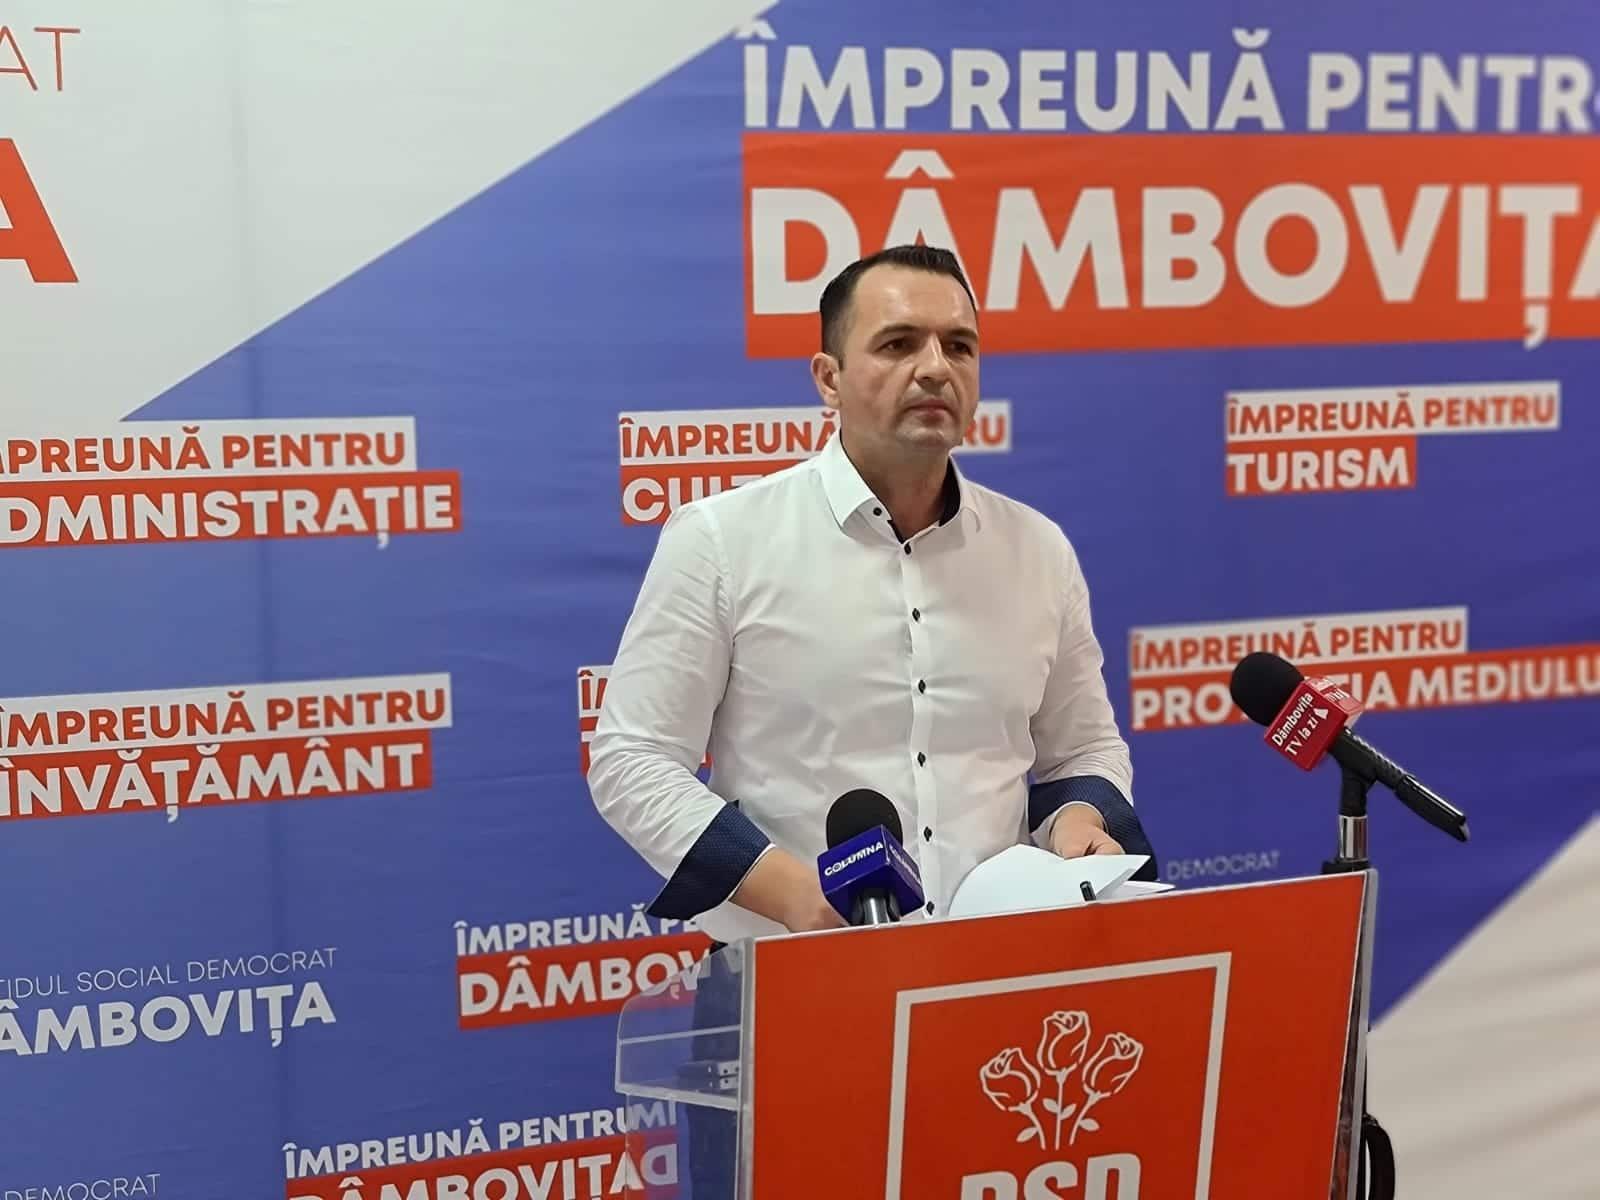 PSD: PNL ÎŞI BATE JOC DE COPIII DIN TÂRGOVIŞTE -VIDEO!